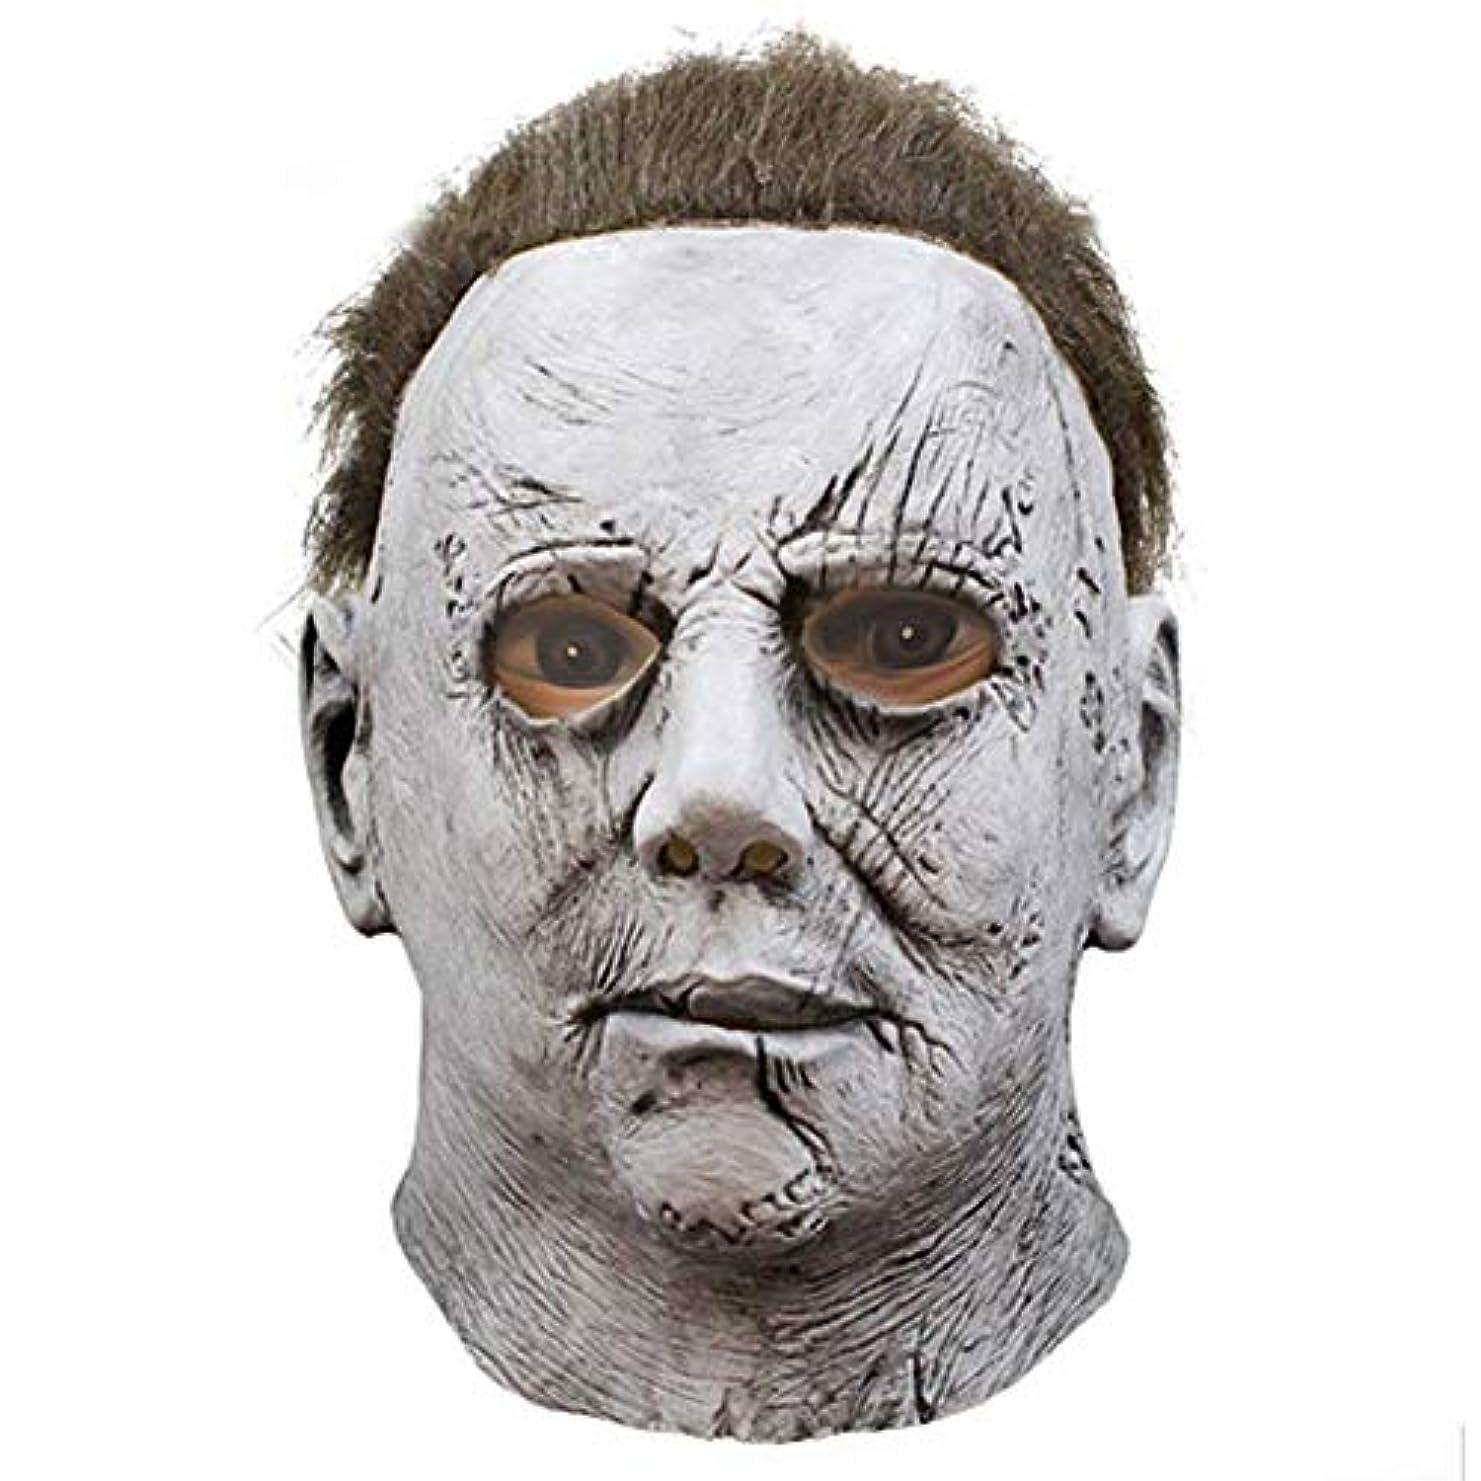 下特派員インストラクターハロウィーンマスク、顔をしかめるラテックスマスク、ハロウィーン、テーマパーティー、カーニバル、レイブパーティー、バー、小道具、映画。